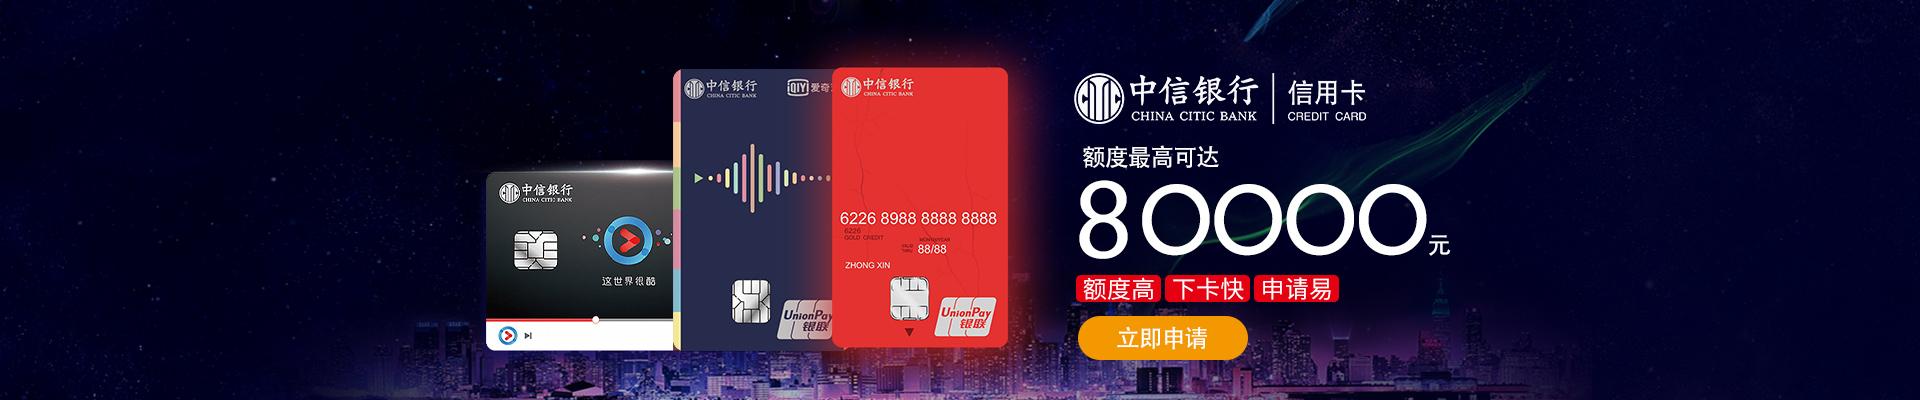 中信银行卡